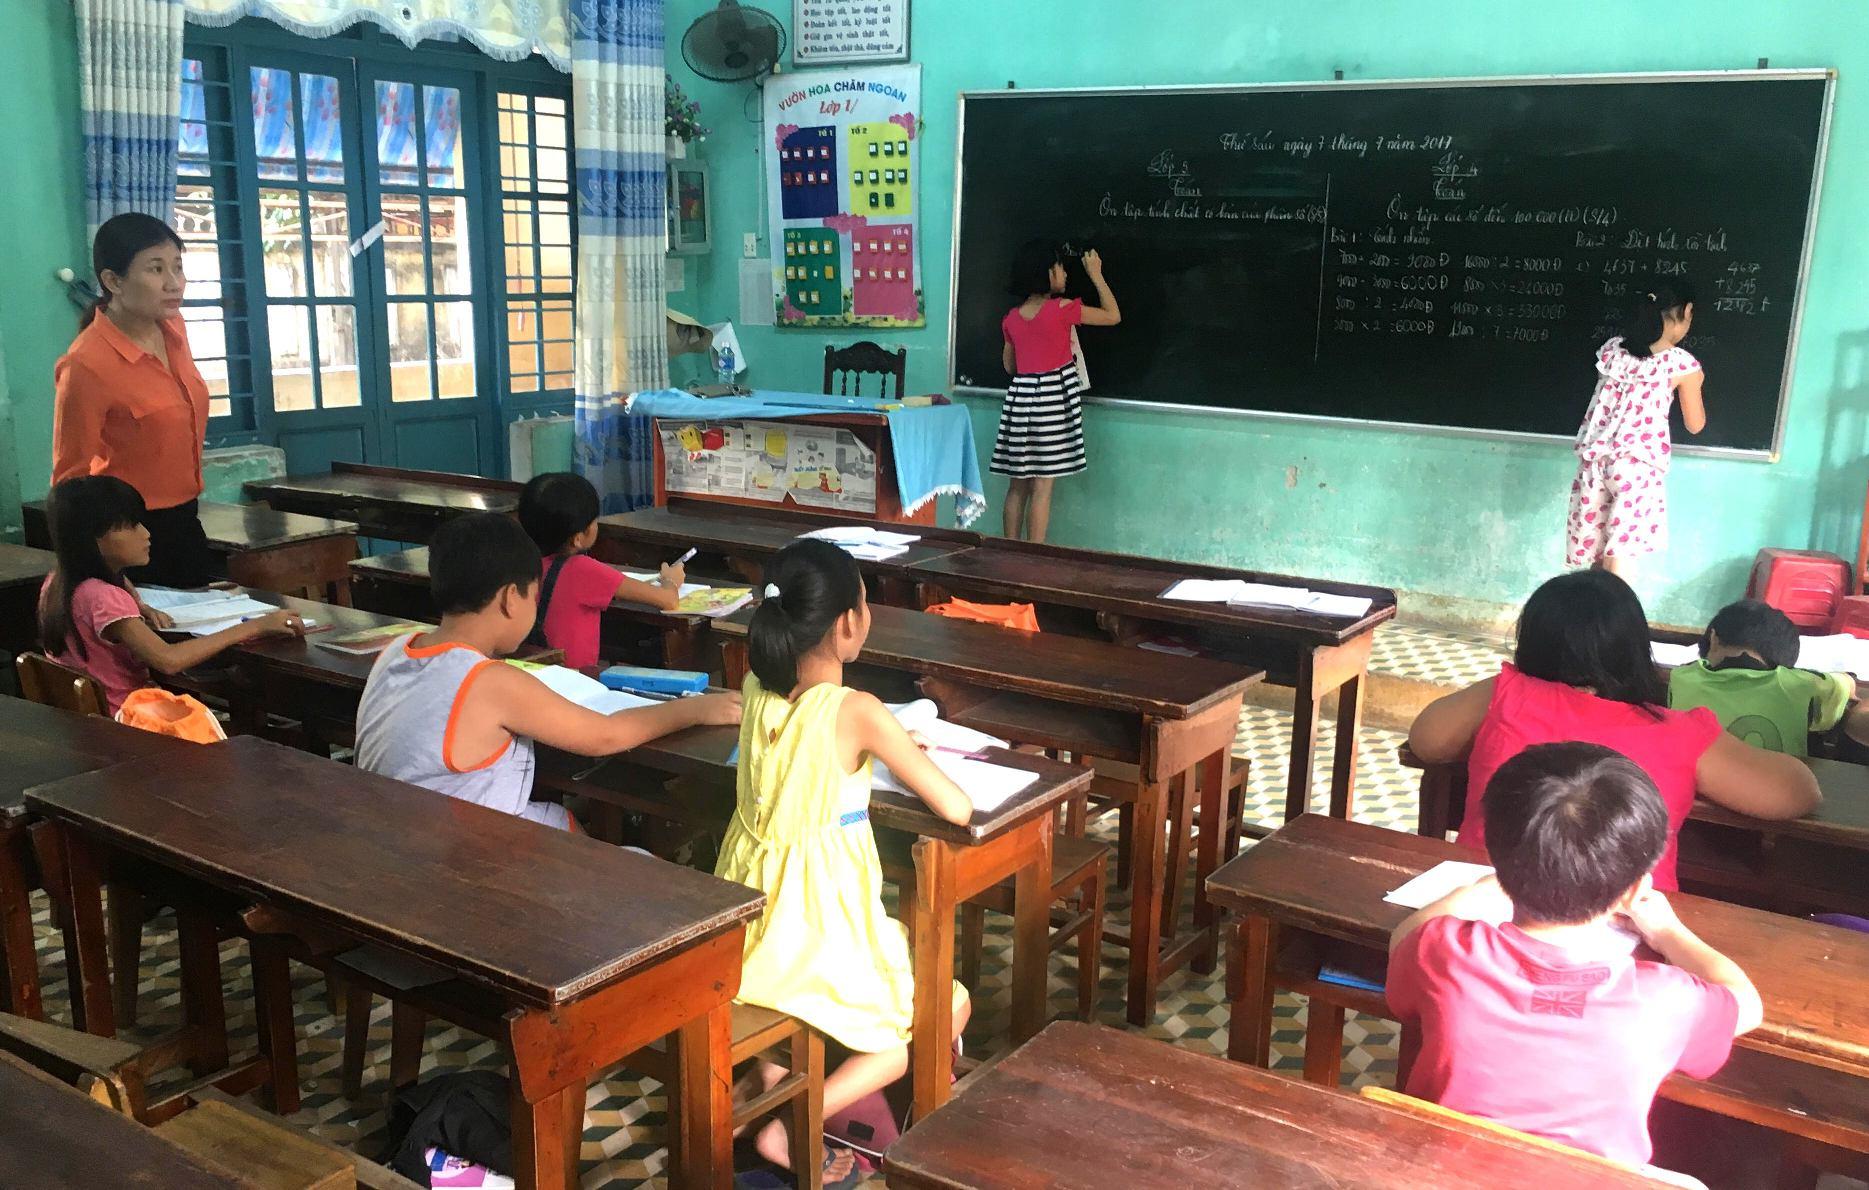 100 em học sinh được chia làm 6 lớp để nâng cao chất lượng giảng dạy. Ảnh: PHAN VINH